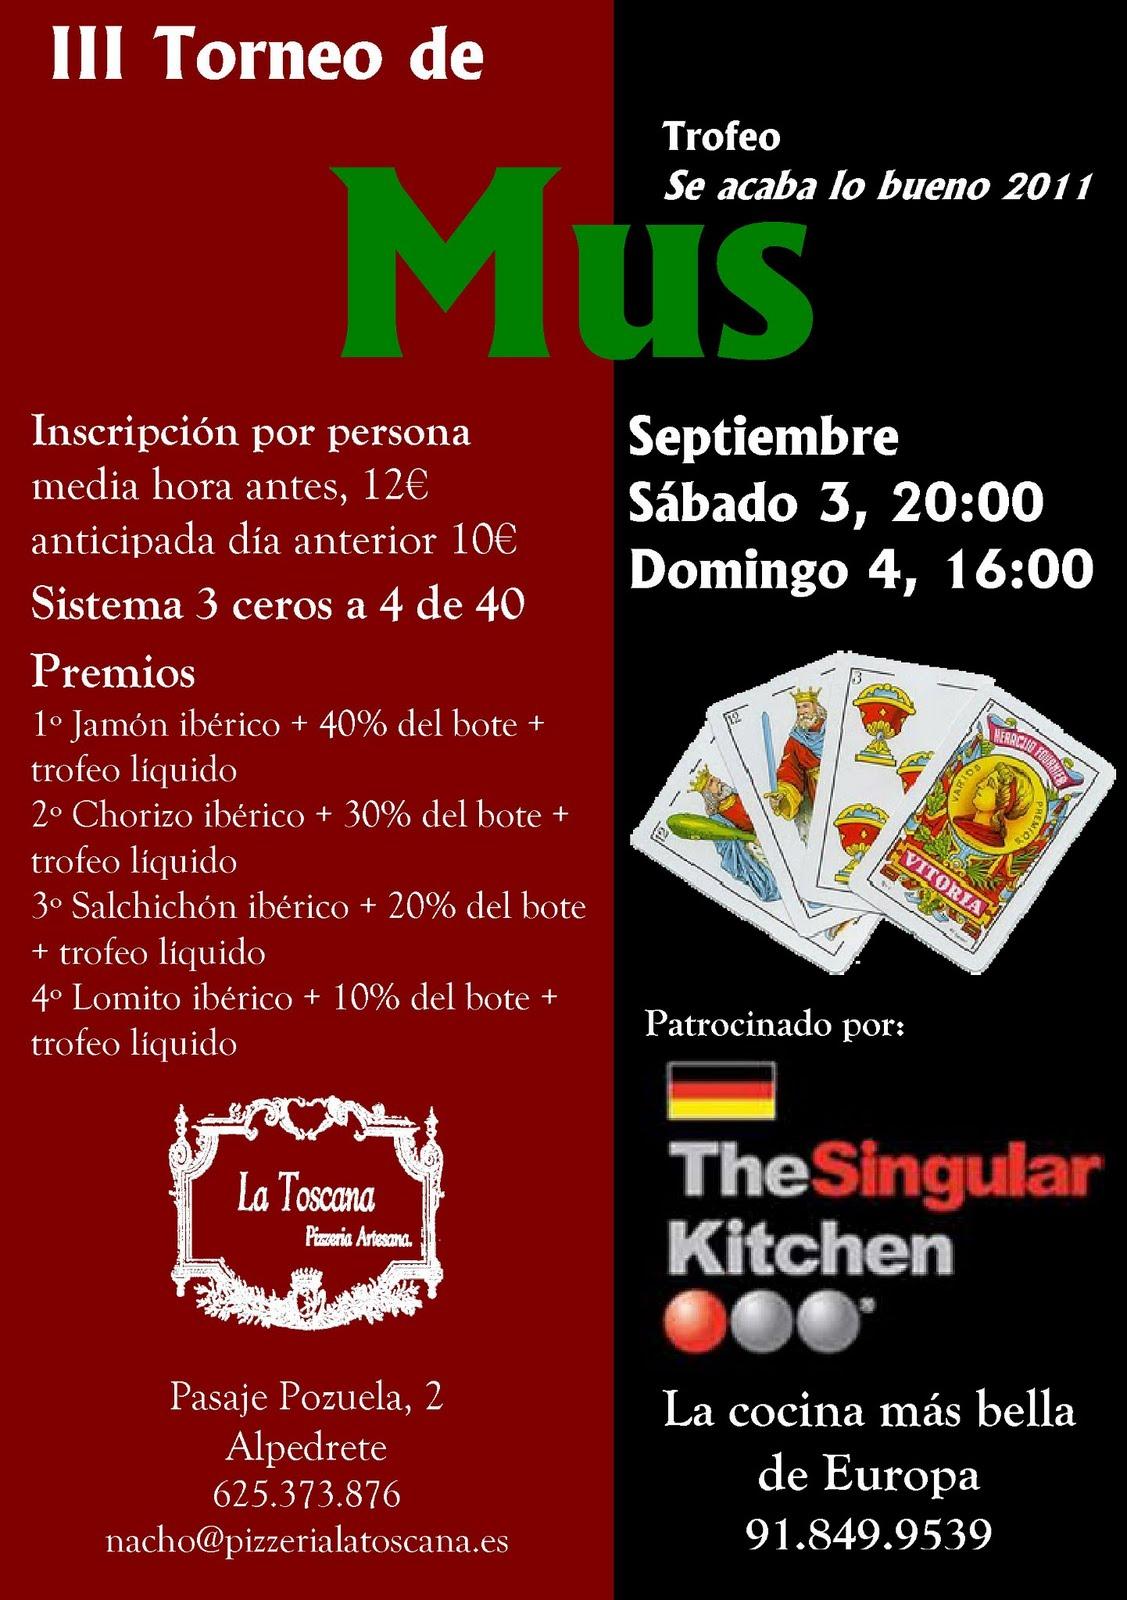 Iii torneo de mus de la toscana alpedrete madrid - Singular kitchen madrid ...